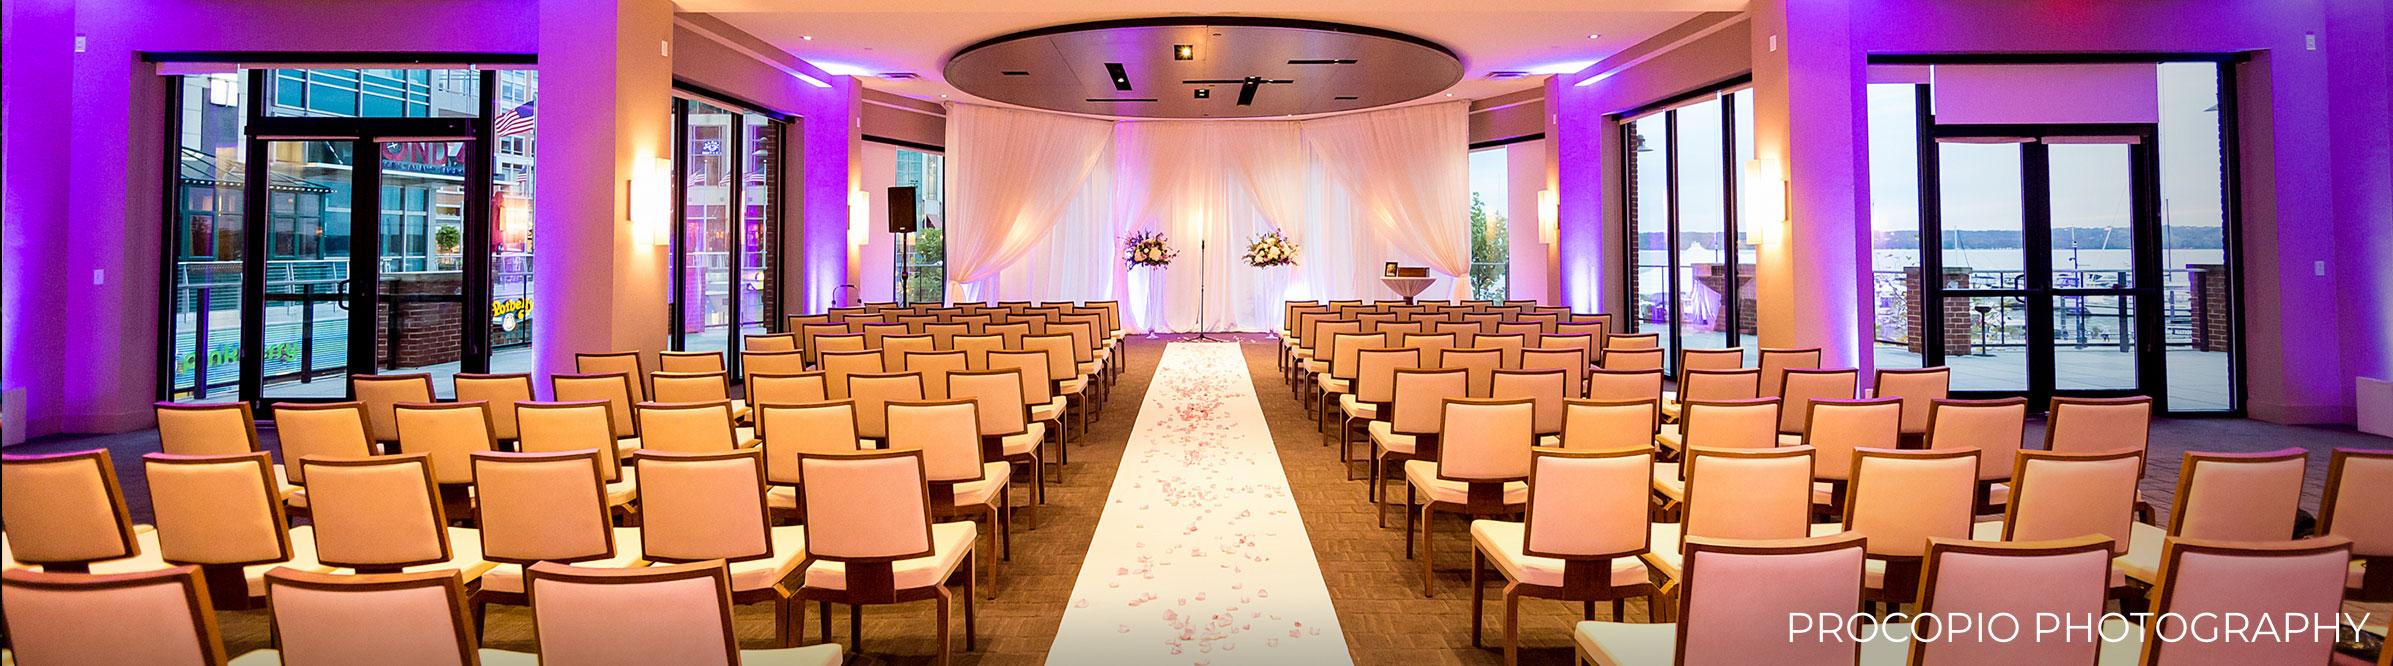 meet-weddings